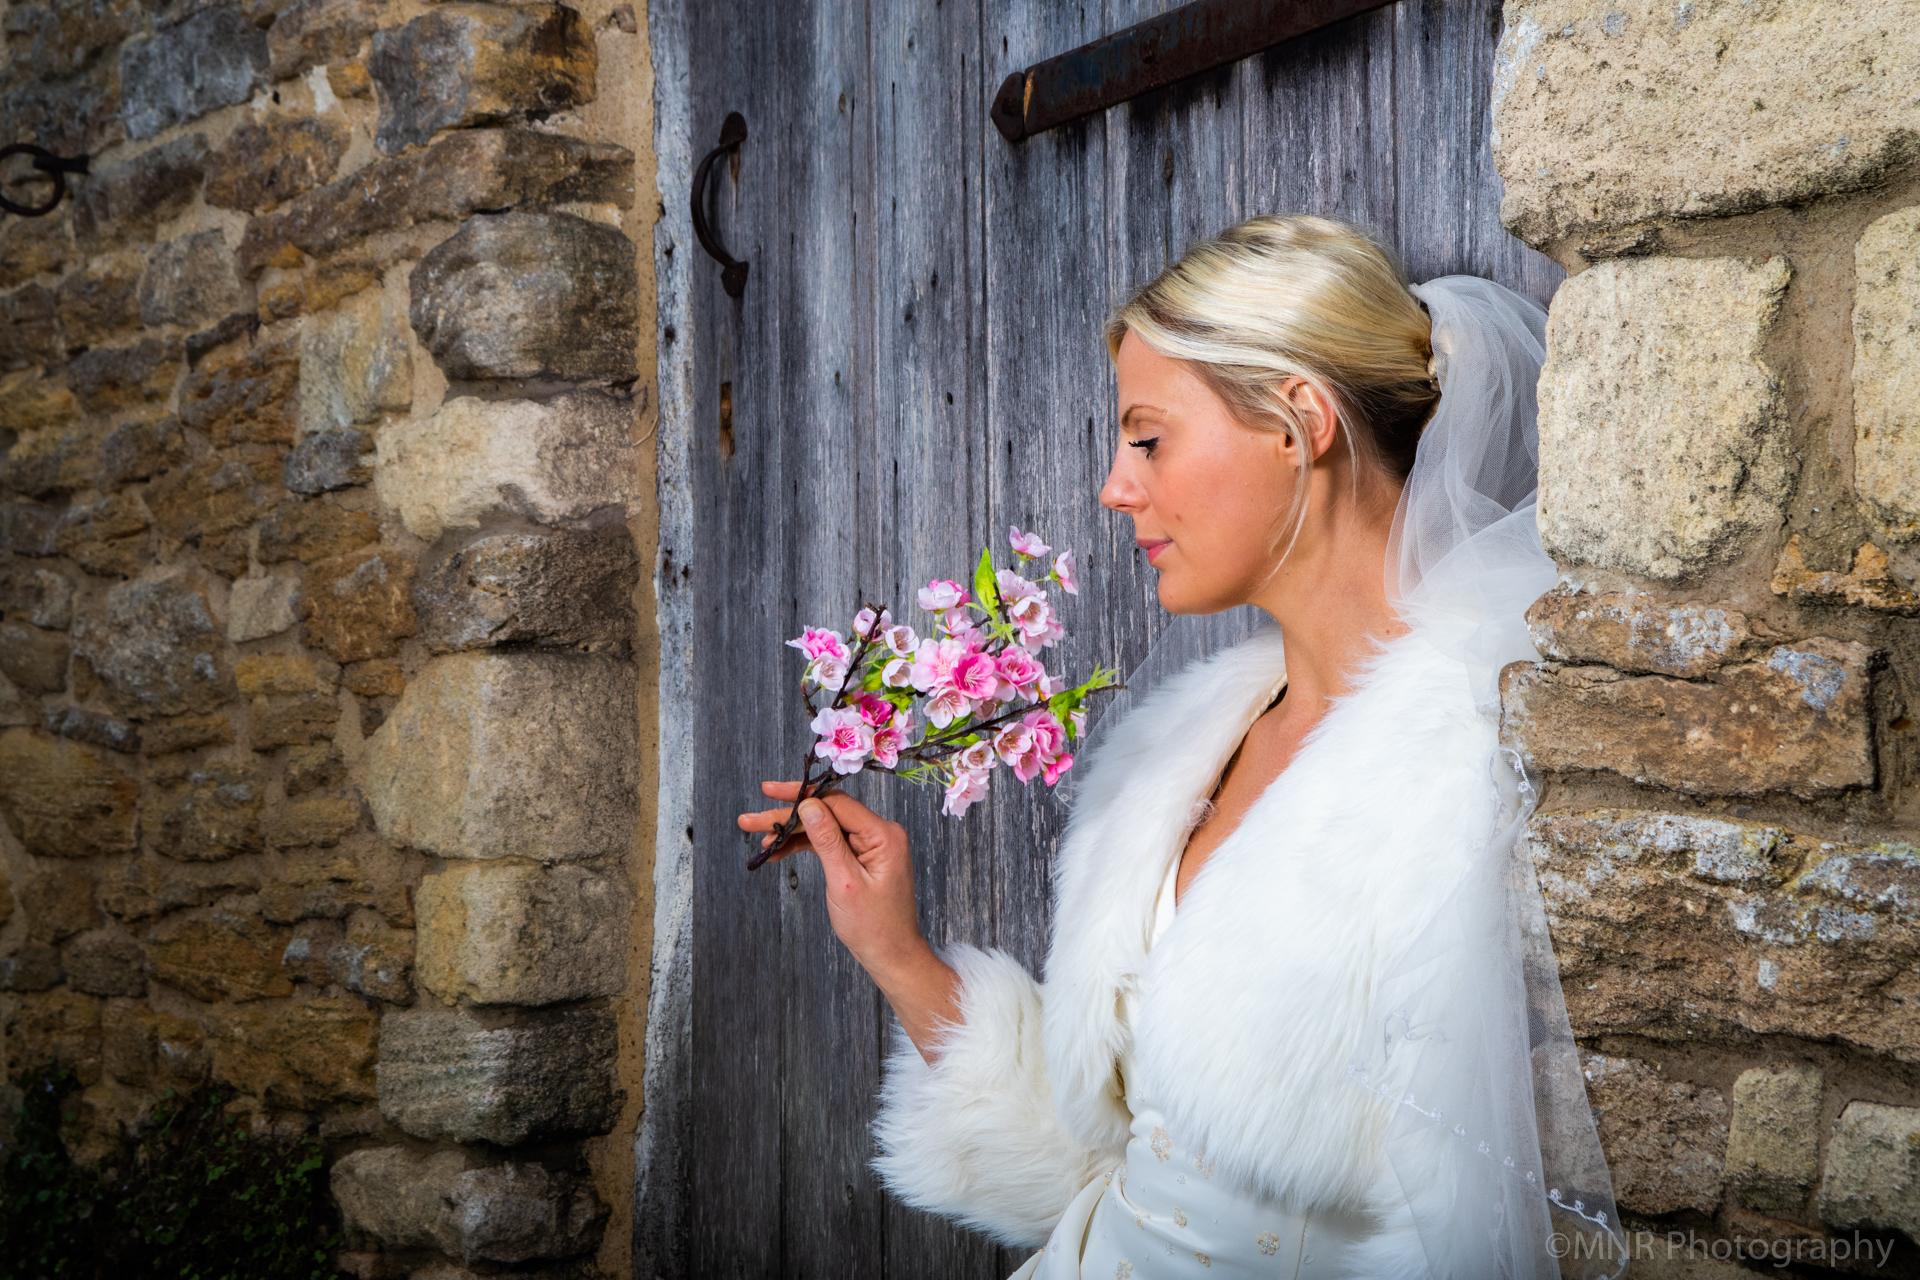 Bride flowers sitting barn door